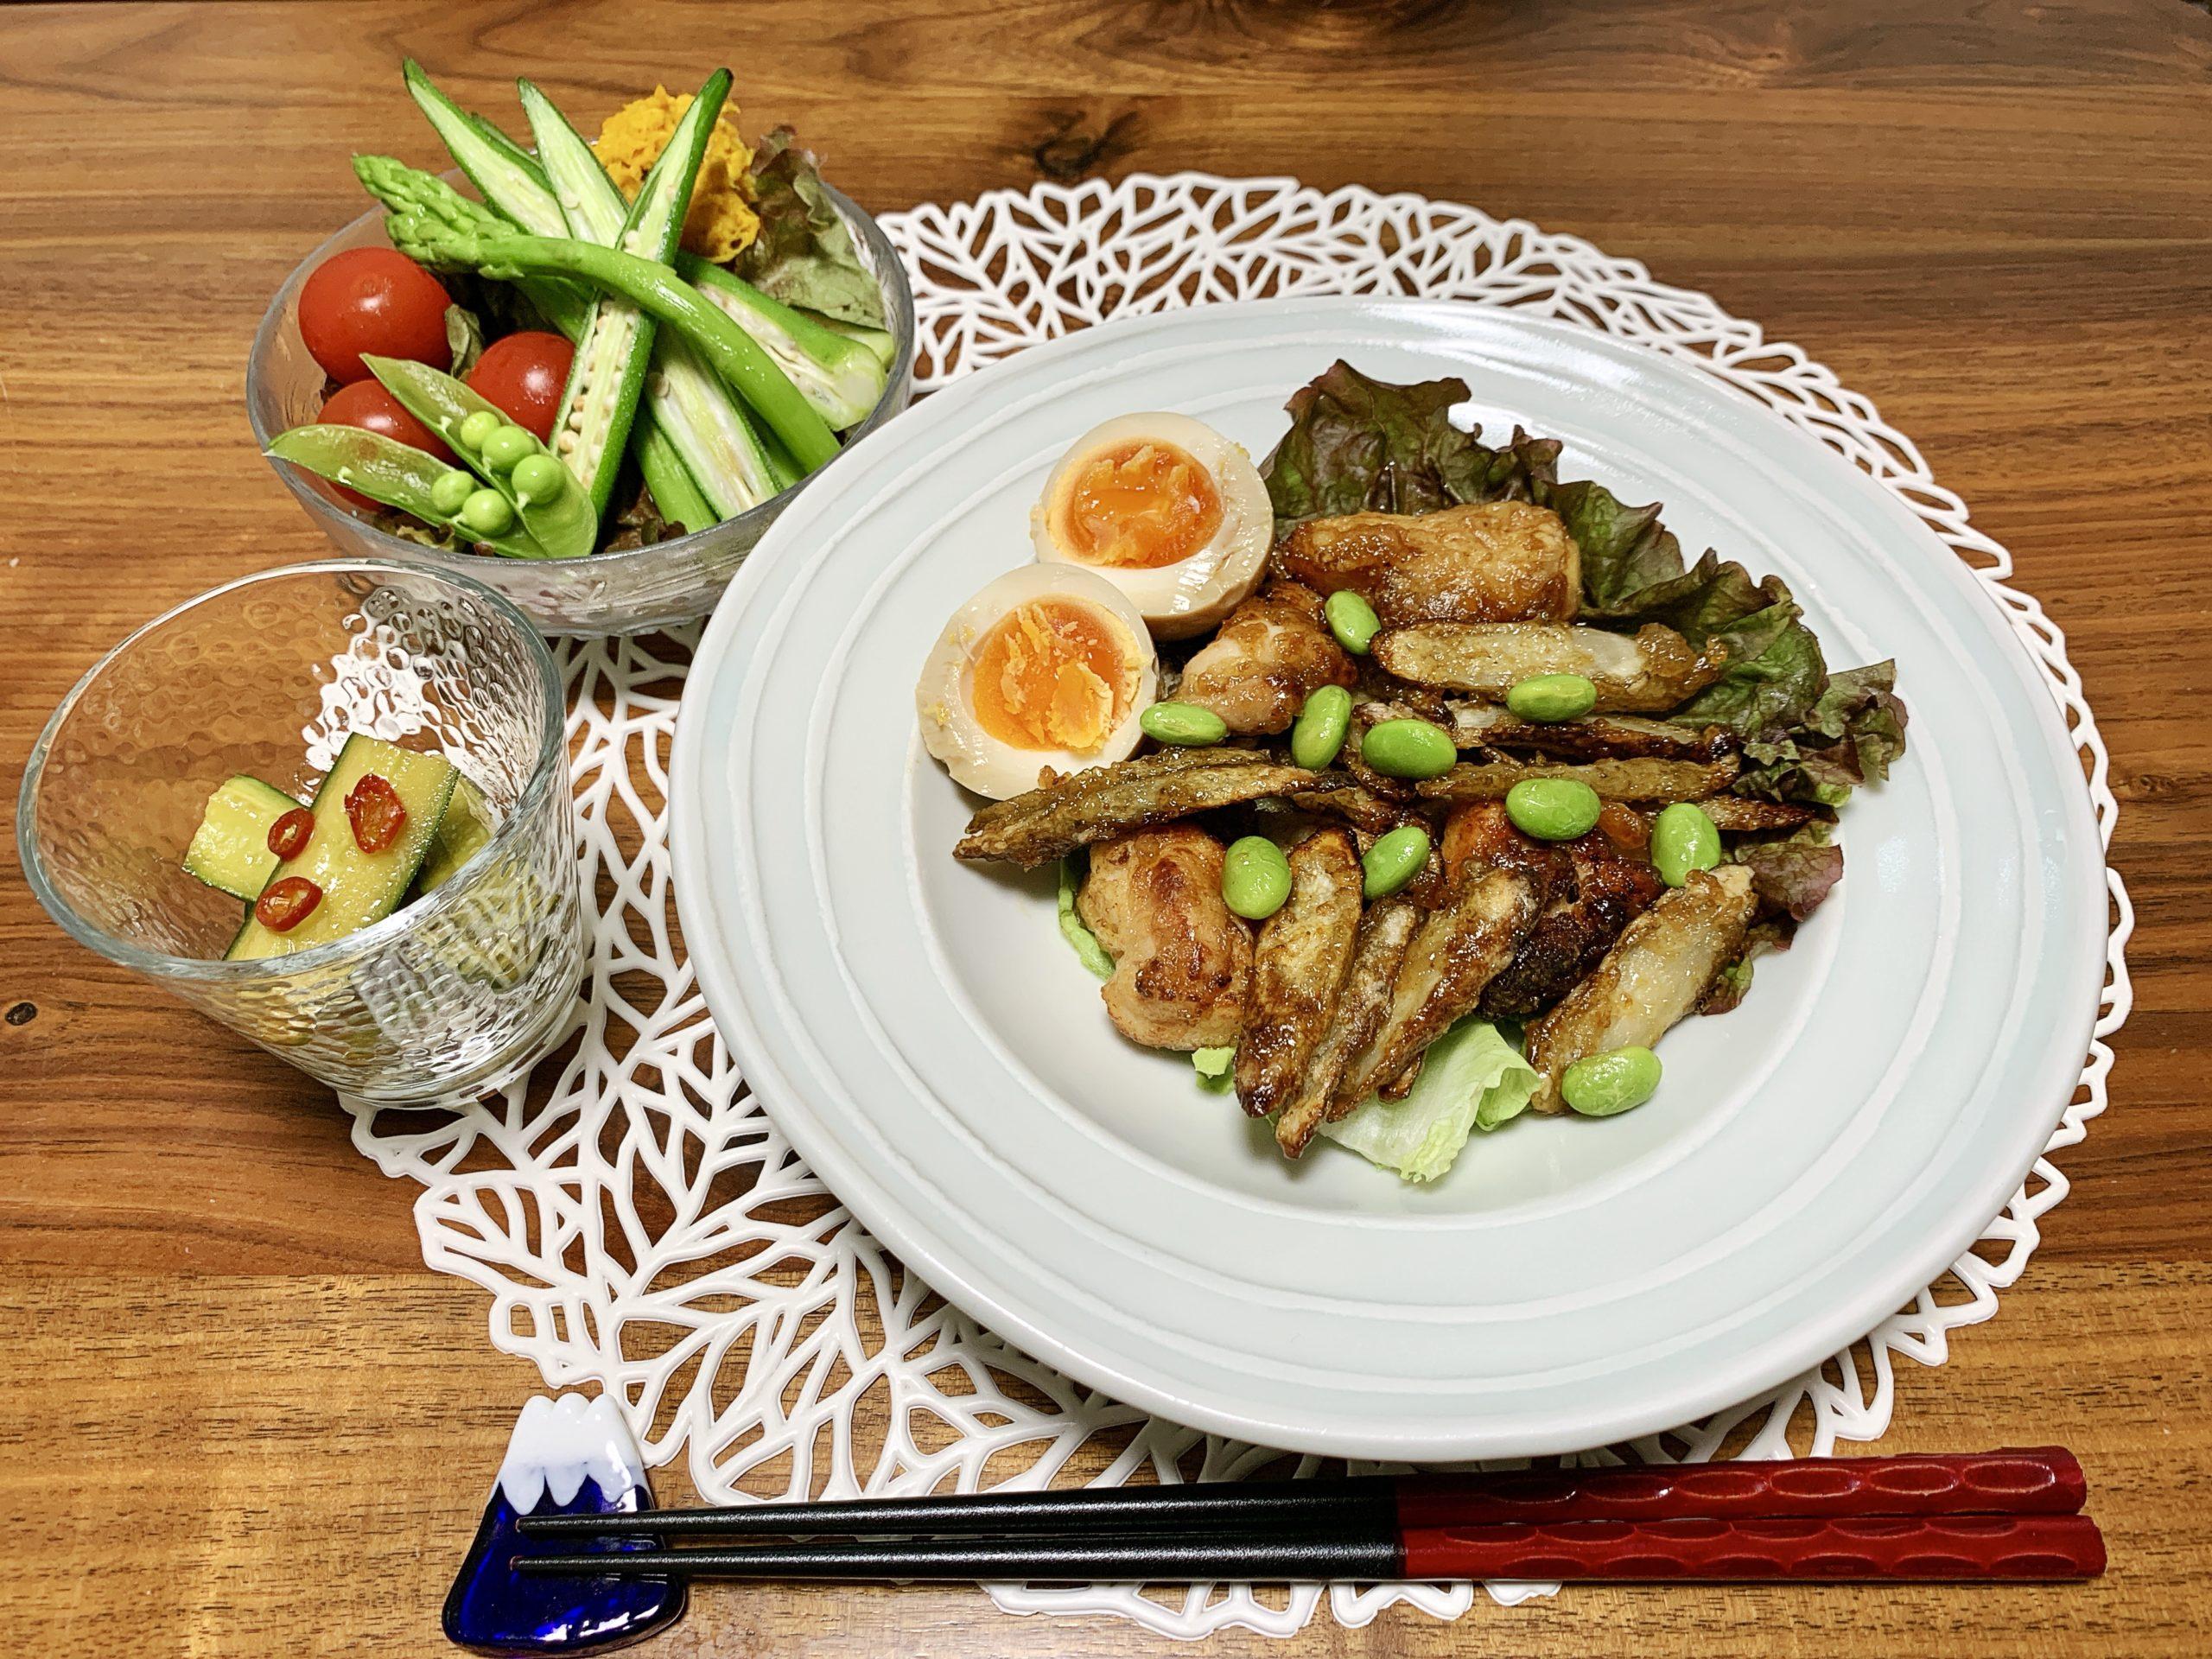 「Yuuのラクうま♡ベストレシピ」から選んだ「カリカリ♡甘辛鶏ごぼう」をメインメニューにした献立です。